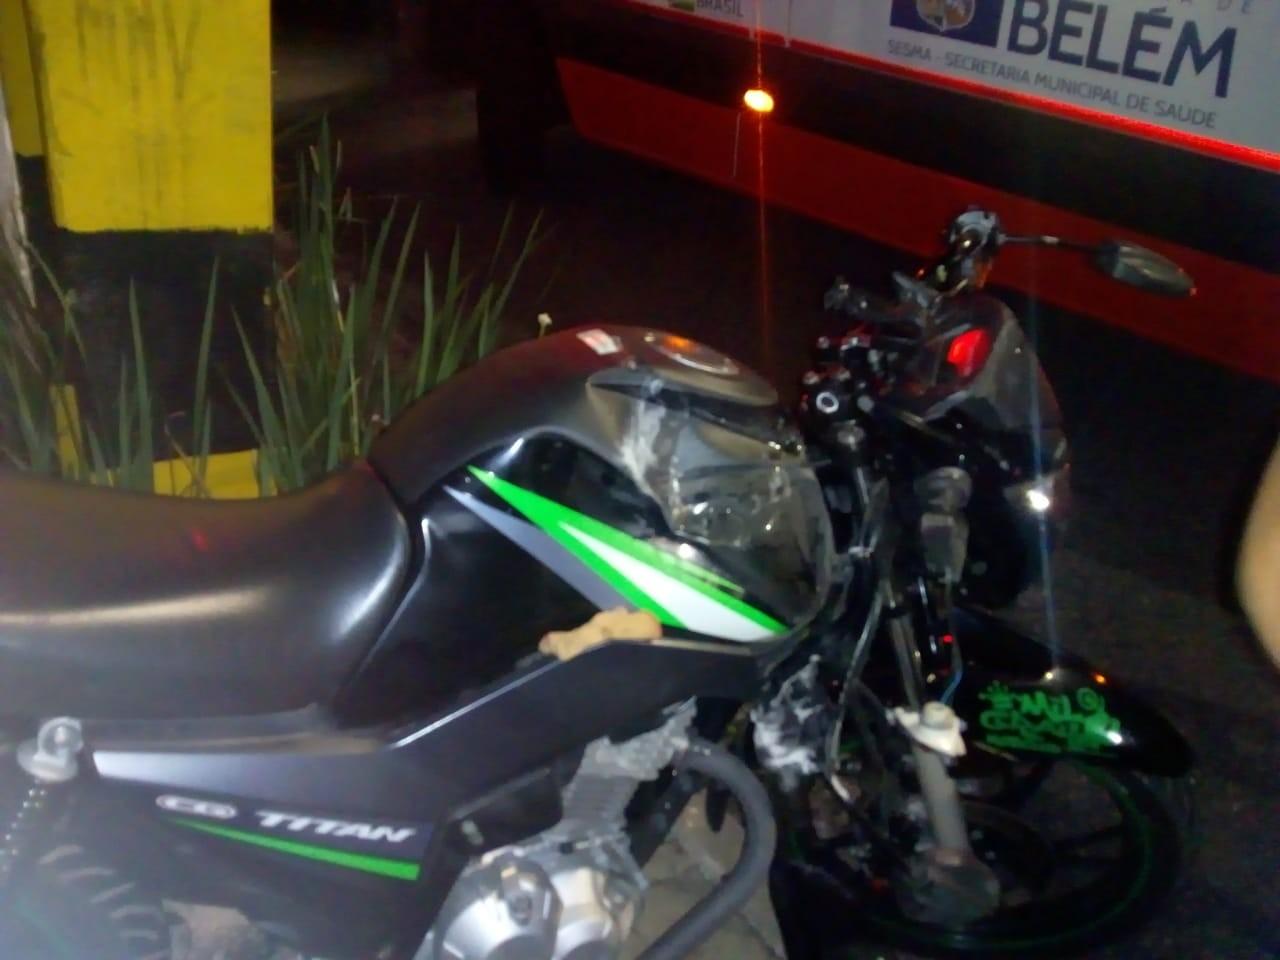 Motociclista é arremessado de veículo em acidente no Reduto, em Belém - Notícias - Plantão Diário